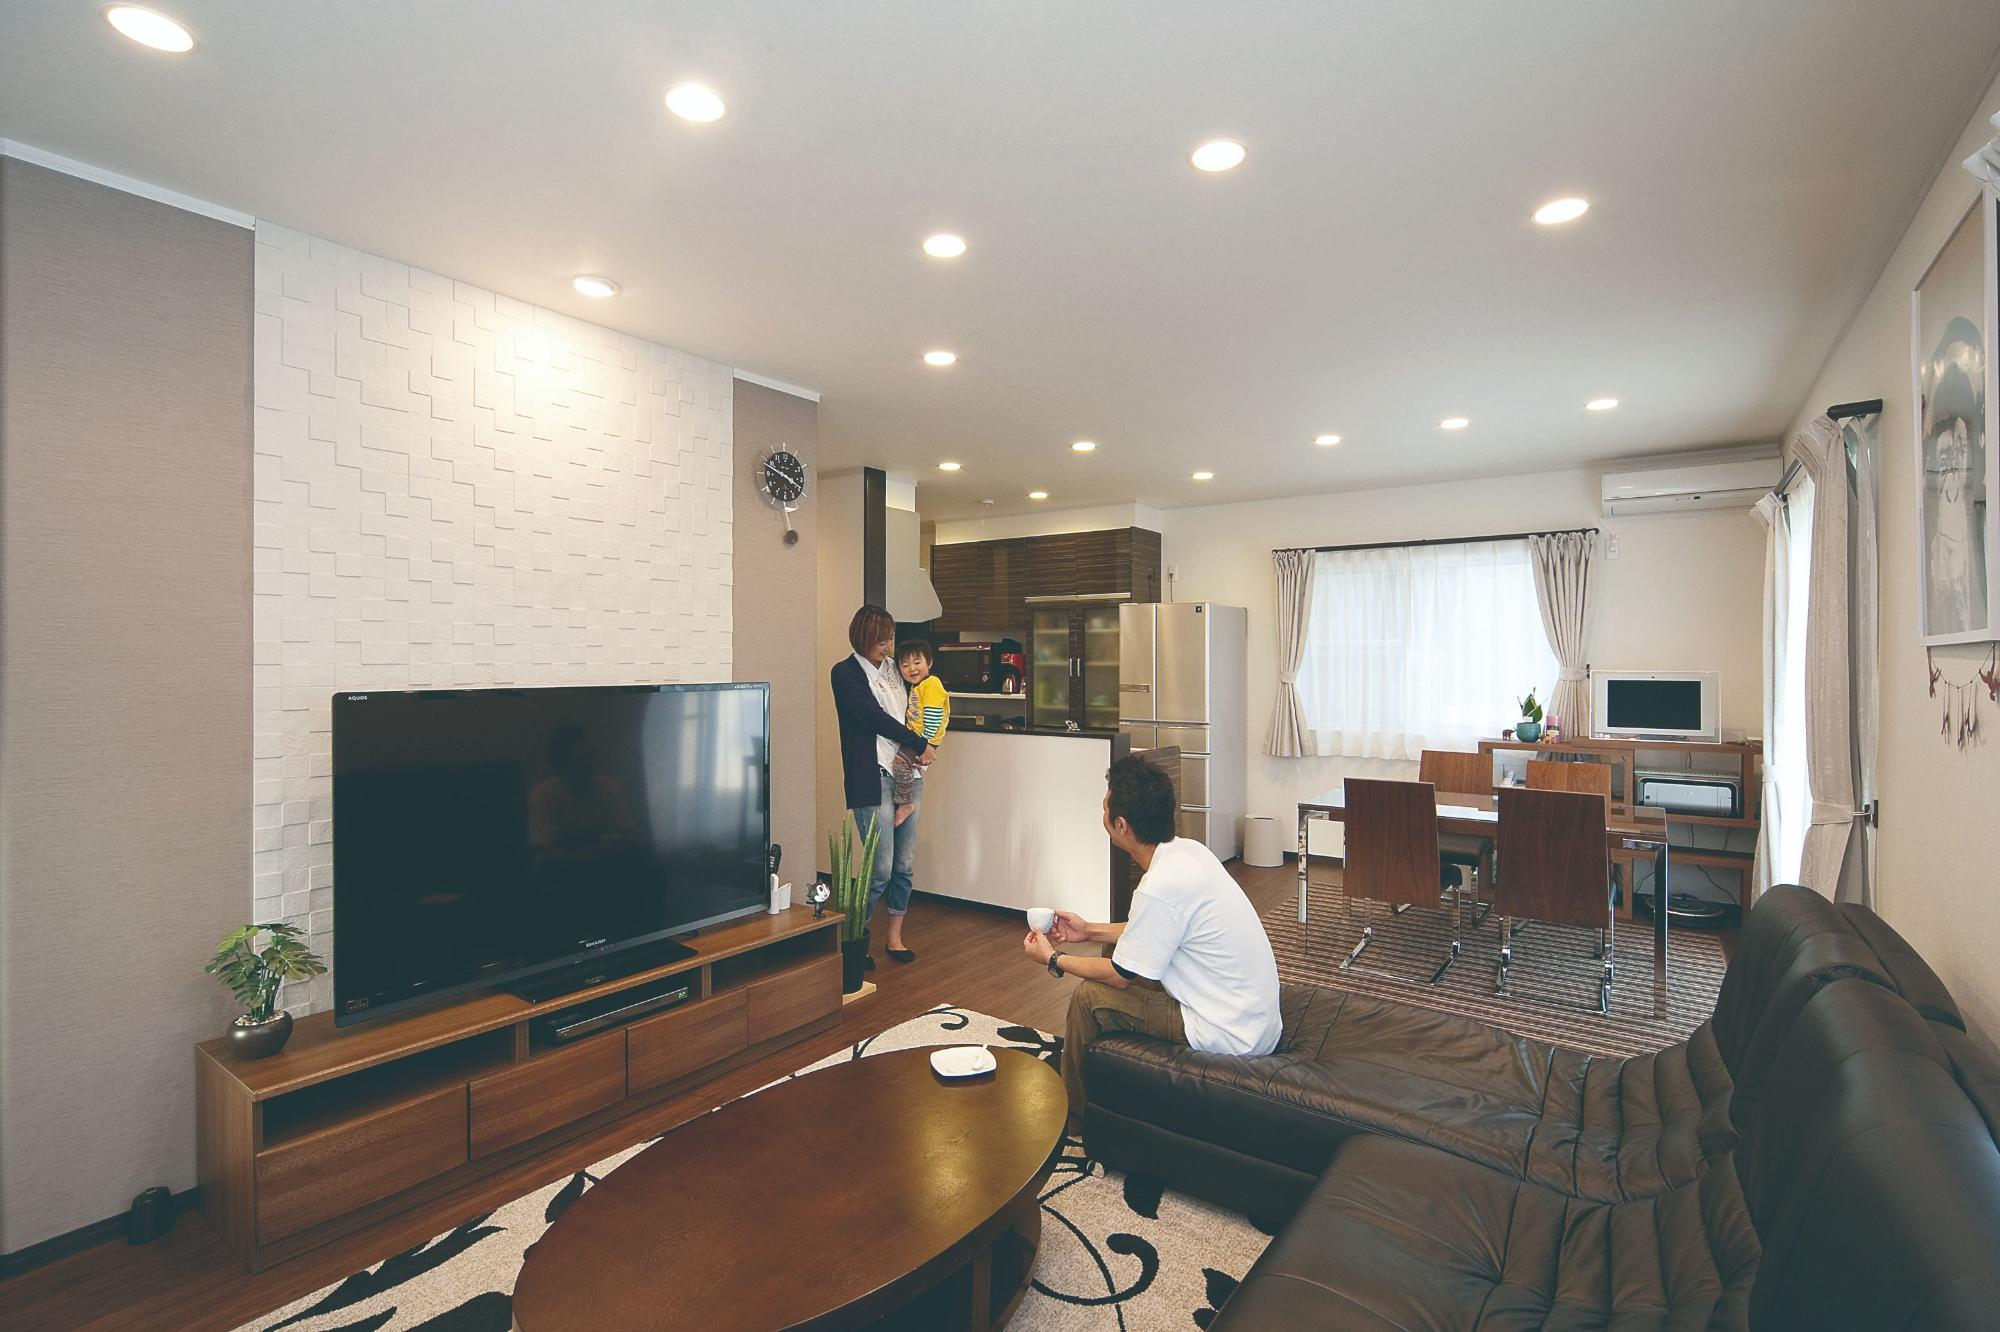 株式会社イシカワ「鋭角屋根が特徴的なスタイリッシュ住宅」のモダンなリビング・ダイニングの実例写真